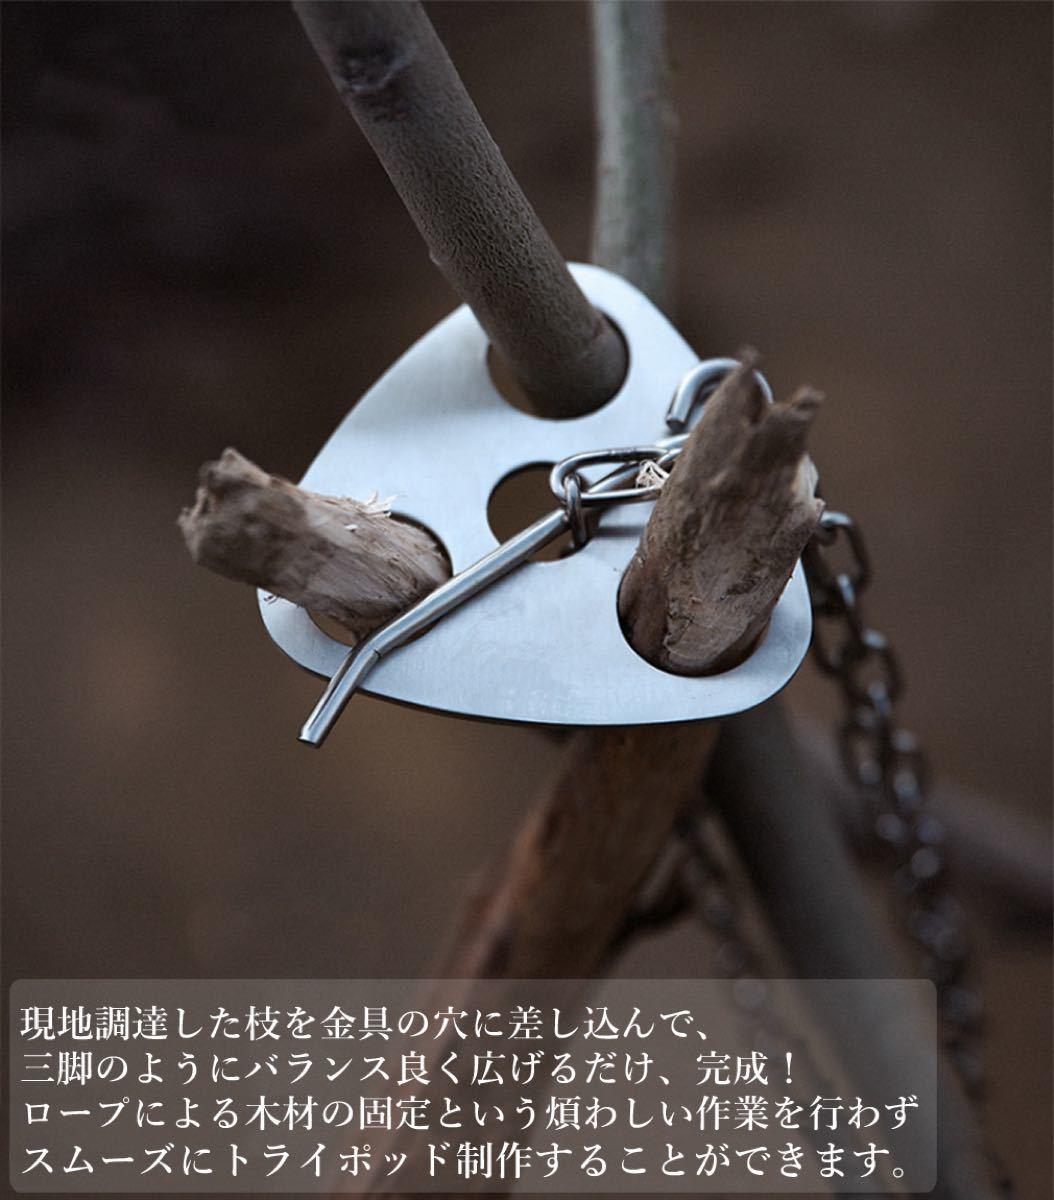 トライポッドリング チェーン  キャンプ道具 焚き火道具 持ち便利 トライポッド